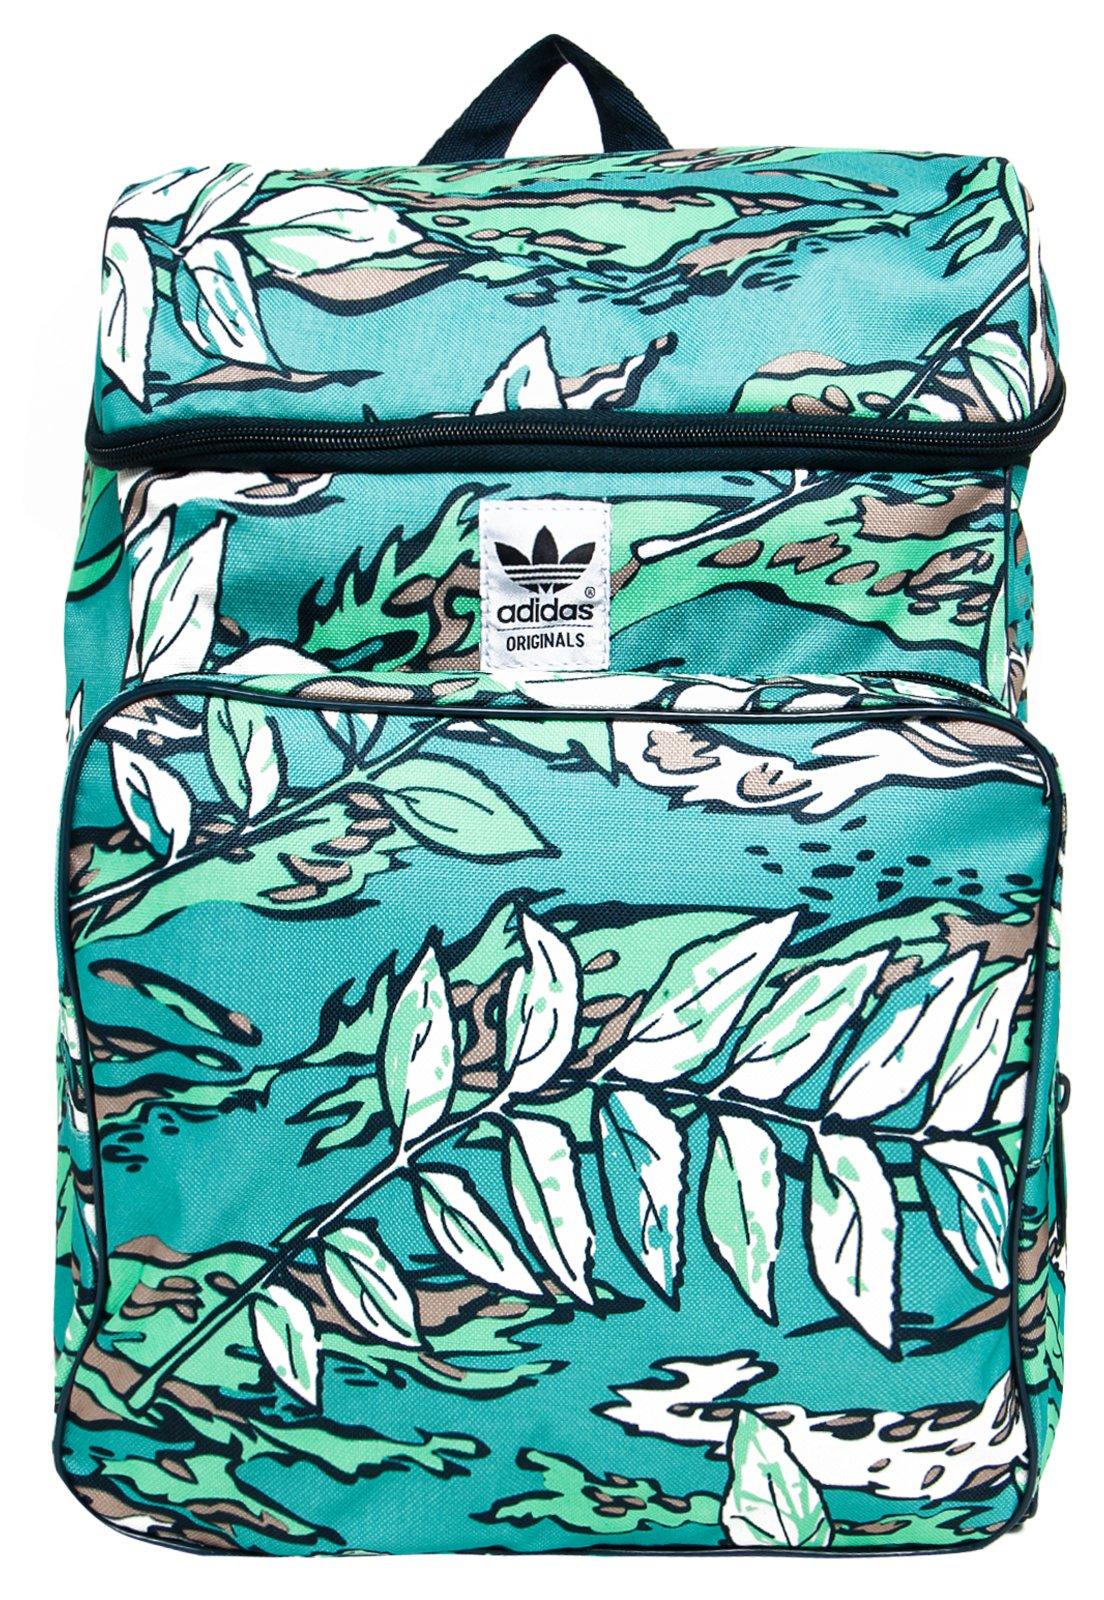 Mochila Adidas Originals Classic Camo Verde Compre Agora Dafiti Brasil